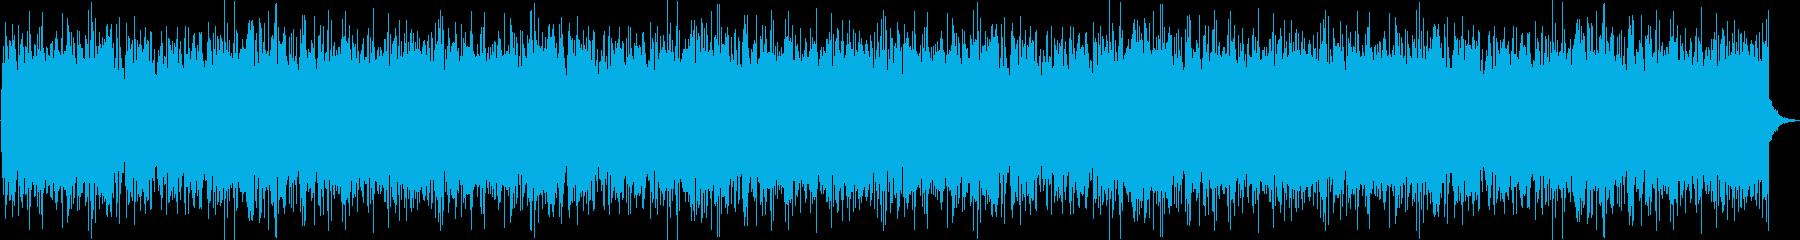 天気 雨06の再生済みの波形